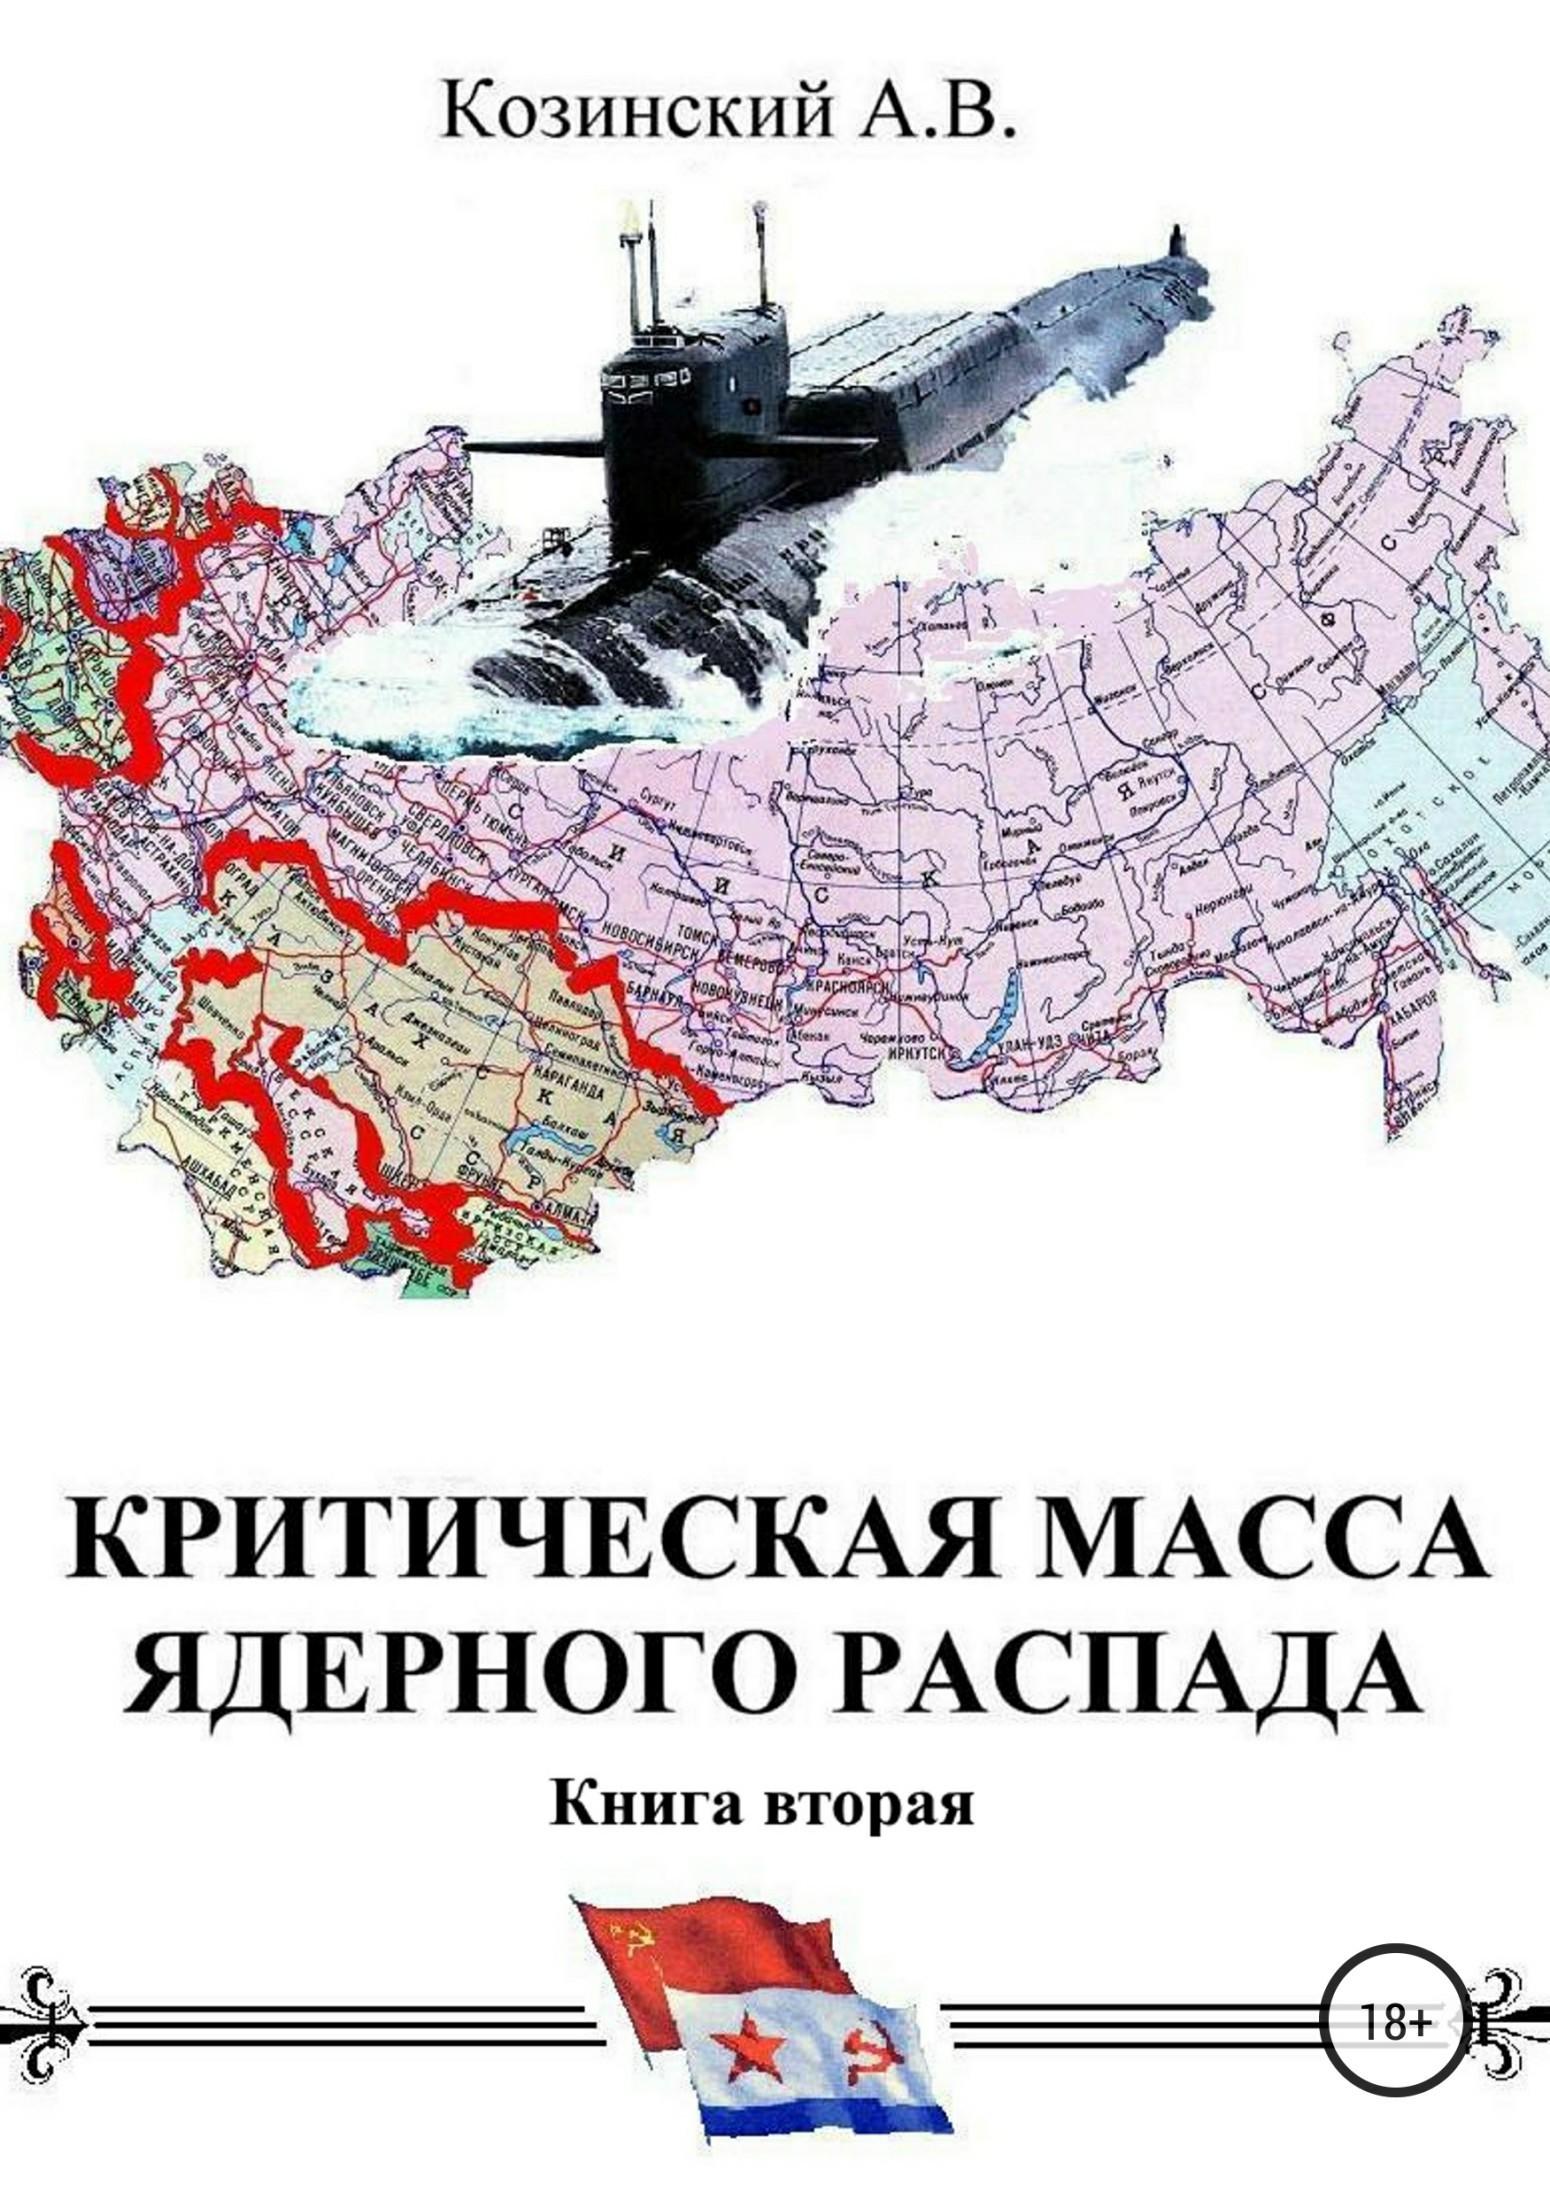 Анатолий Козинский - Критическая масса ядерного распада. Книга вторая. Офицеры советских подводных крейсеров